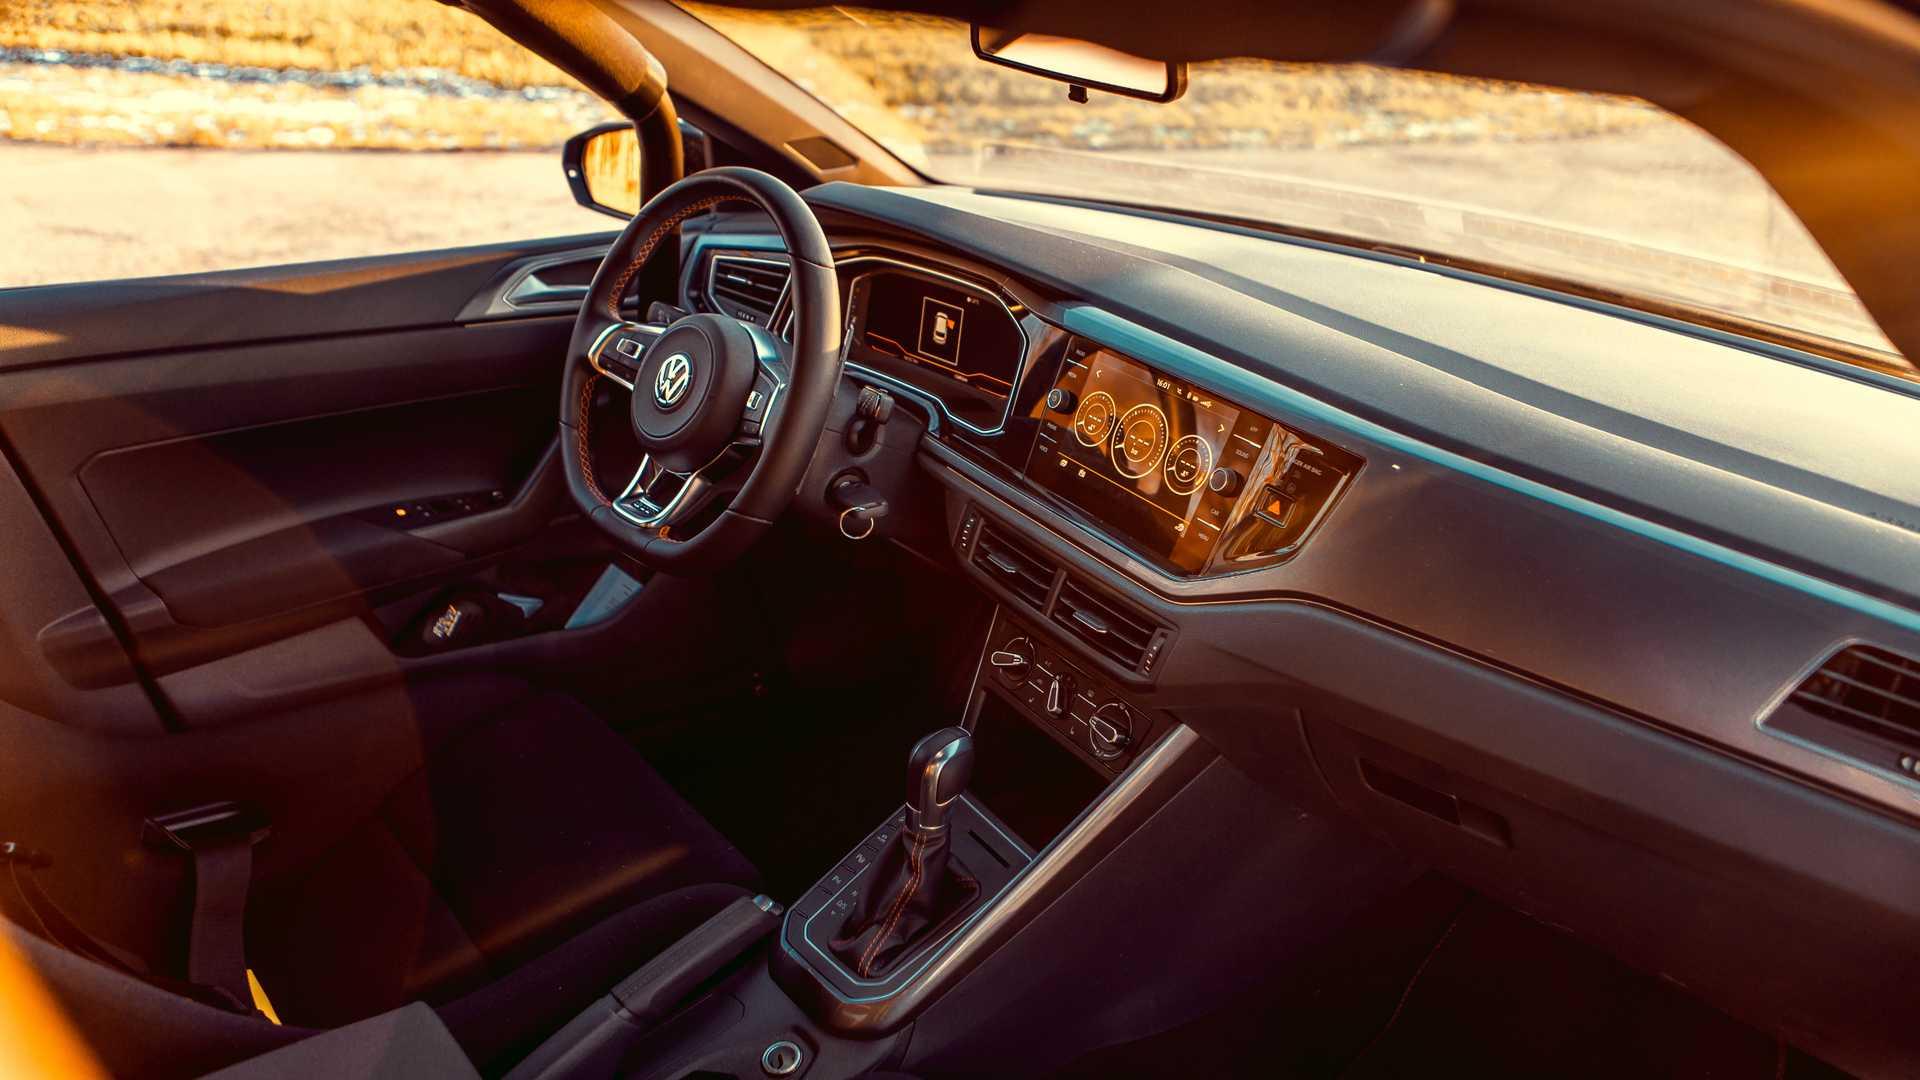 Volkswagen-Polo-GTI-by-Siemoneit-Racing-9